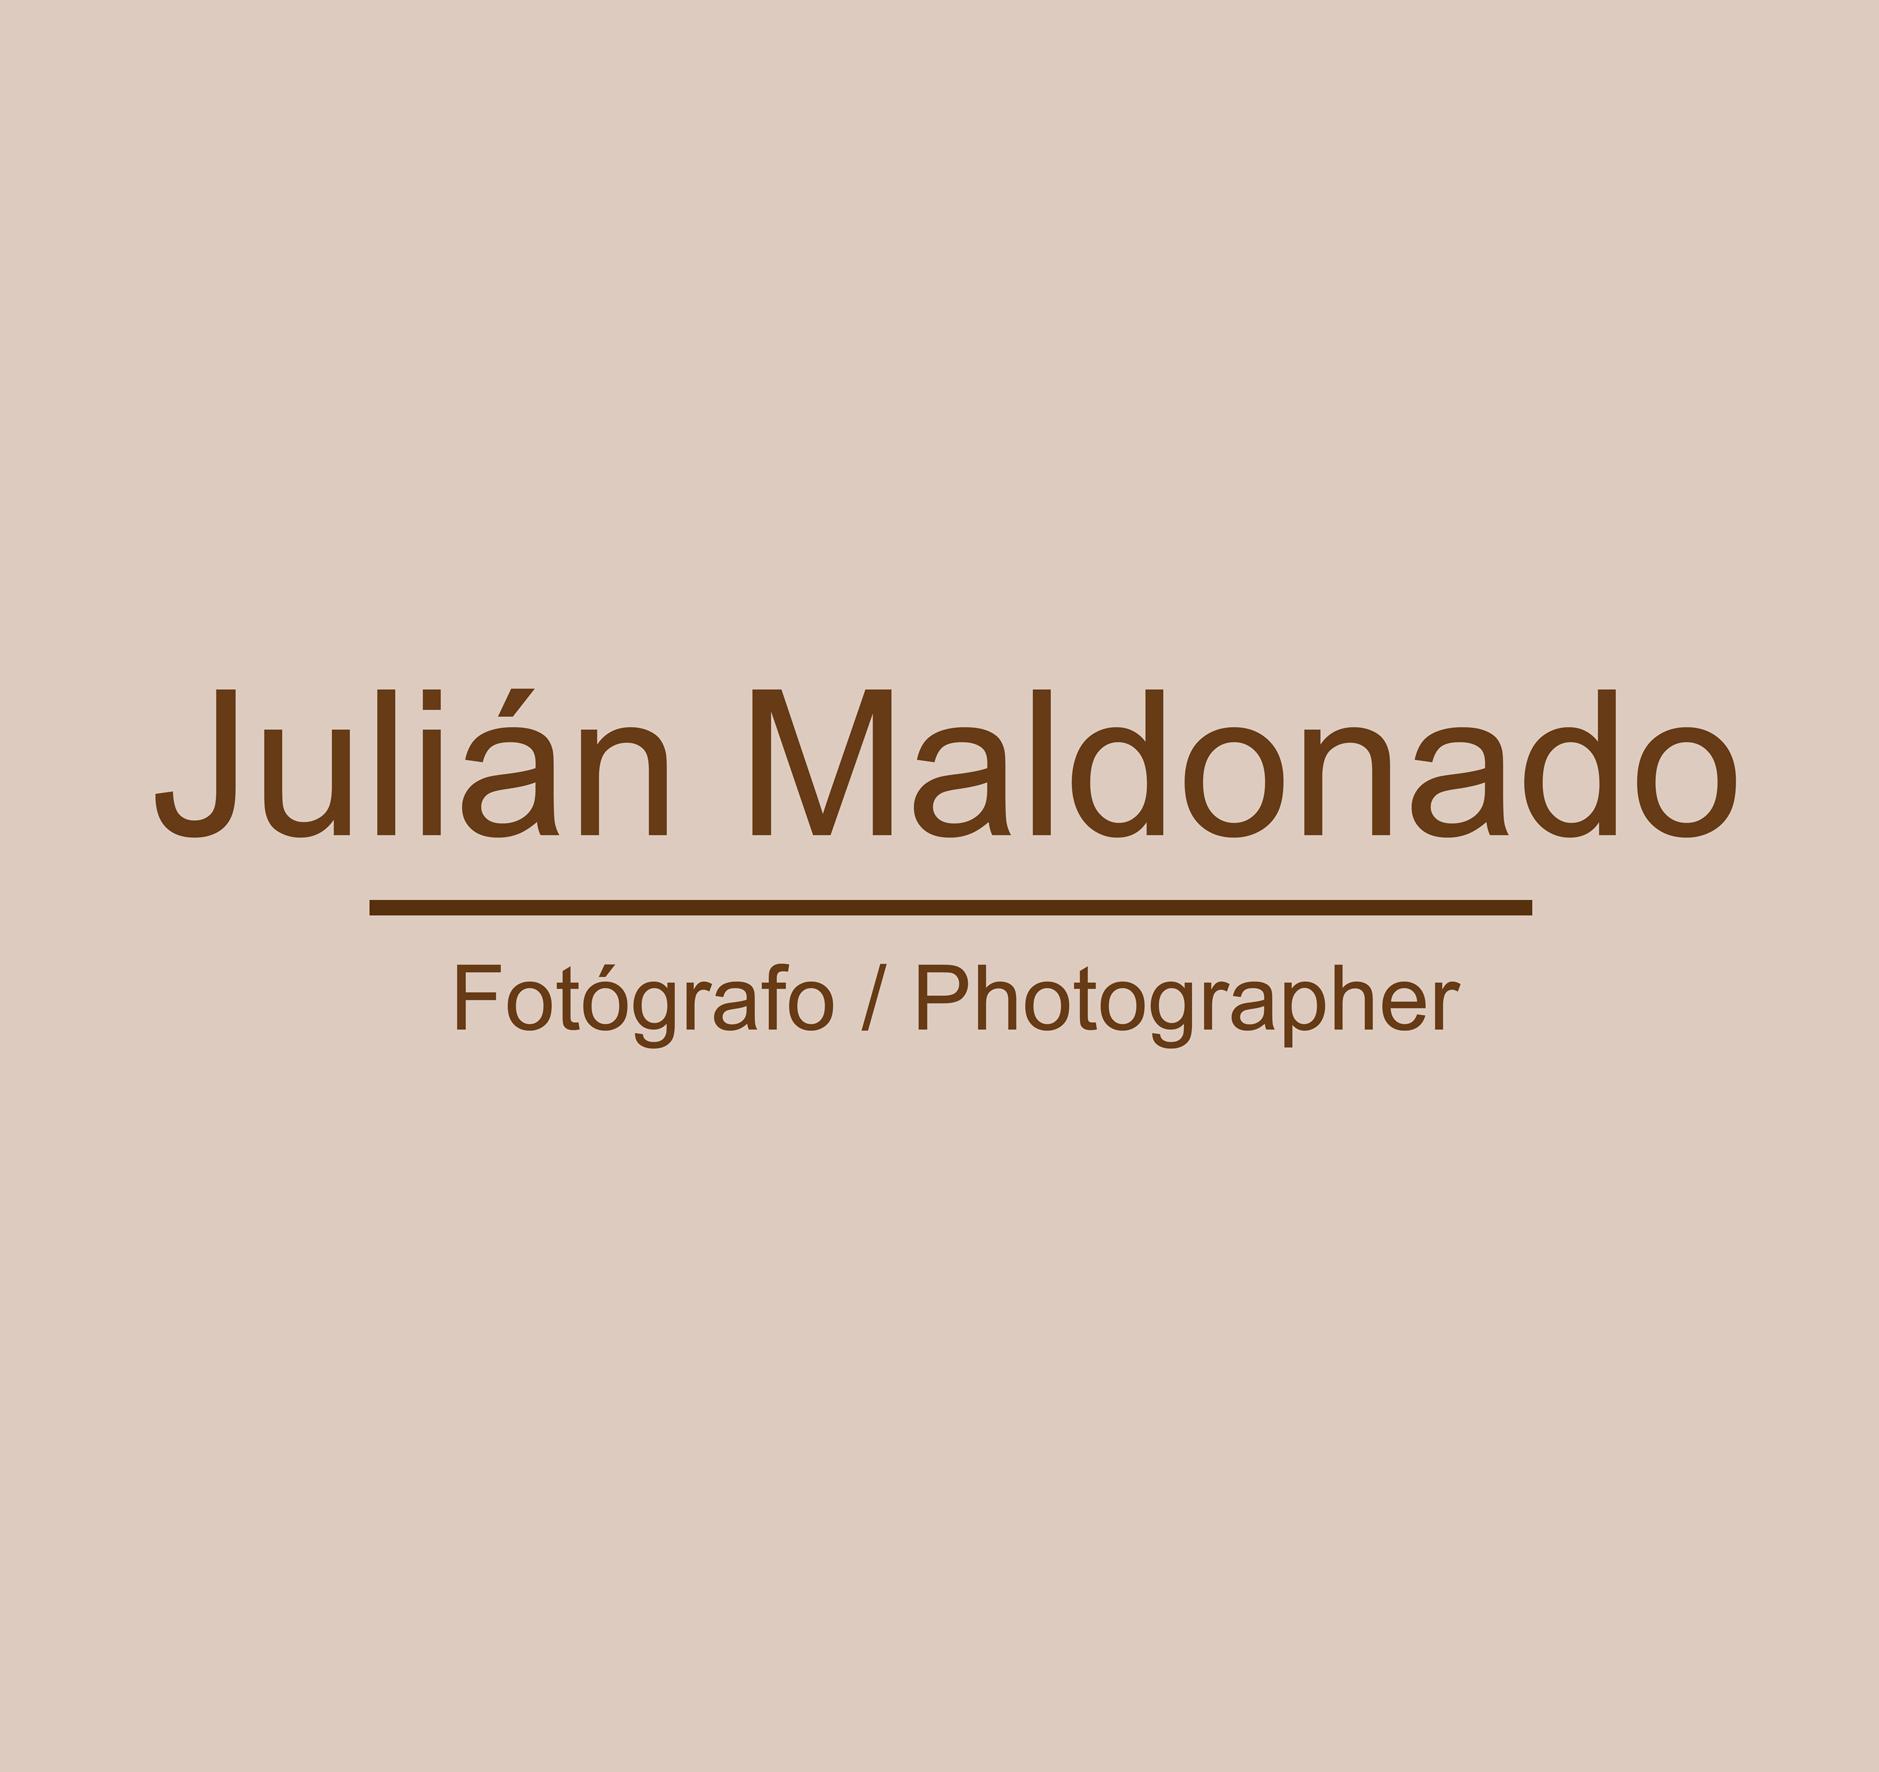 Fotógrafo Julián Maldonado